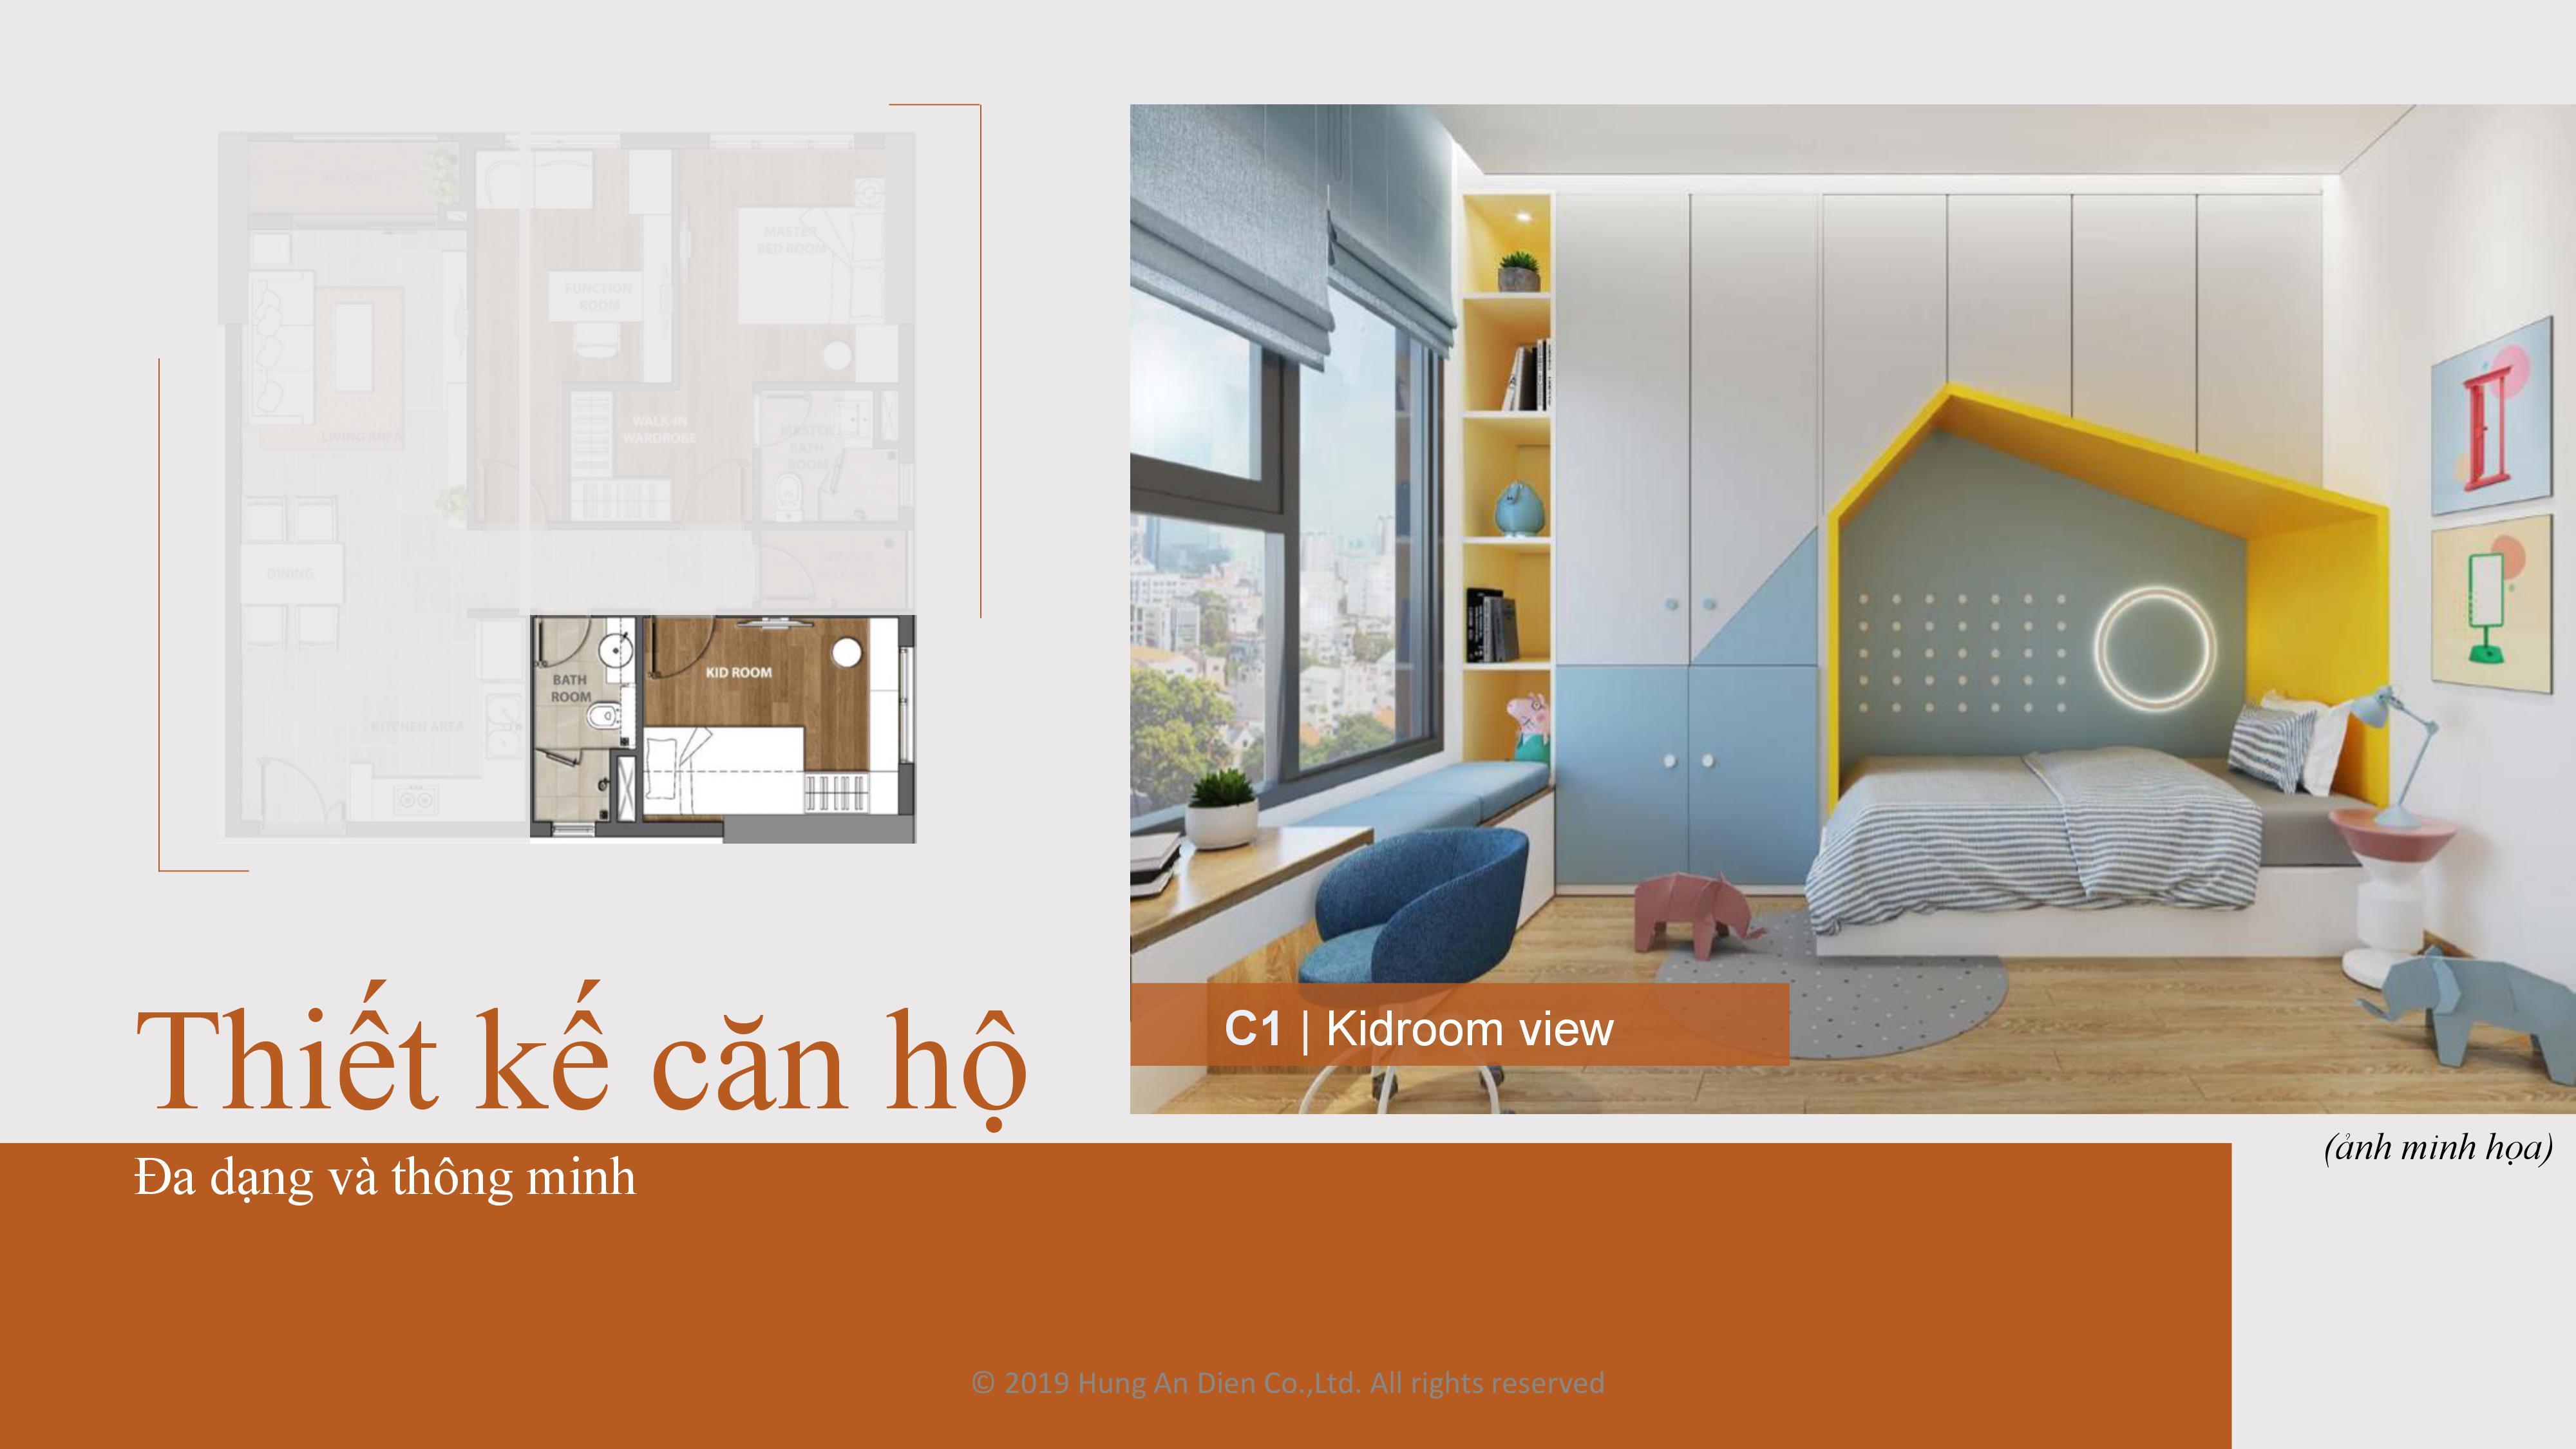 Thiết kế căn hộ Aio City hình 08